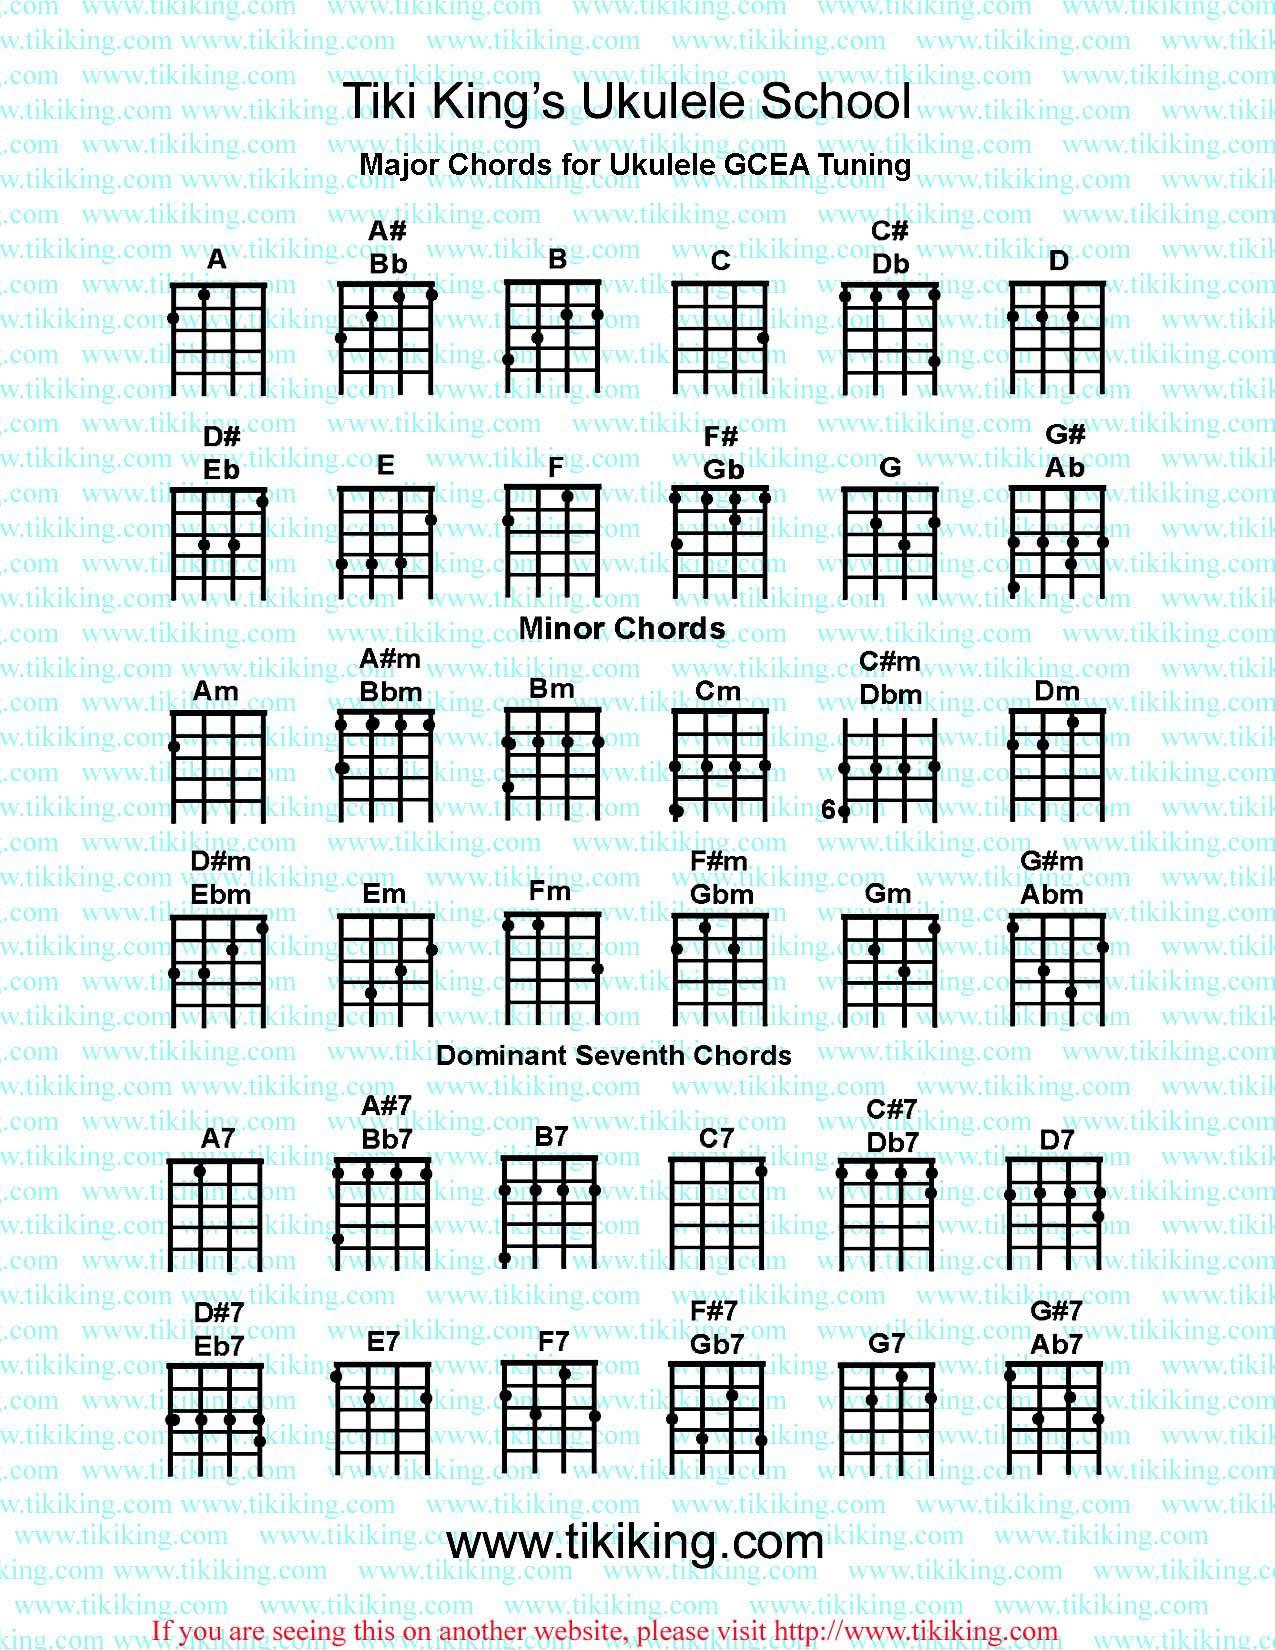 Ukulele chords chart 2015confession ukulele chords chart hexwebz Gallery